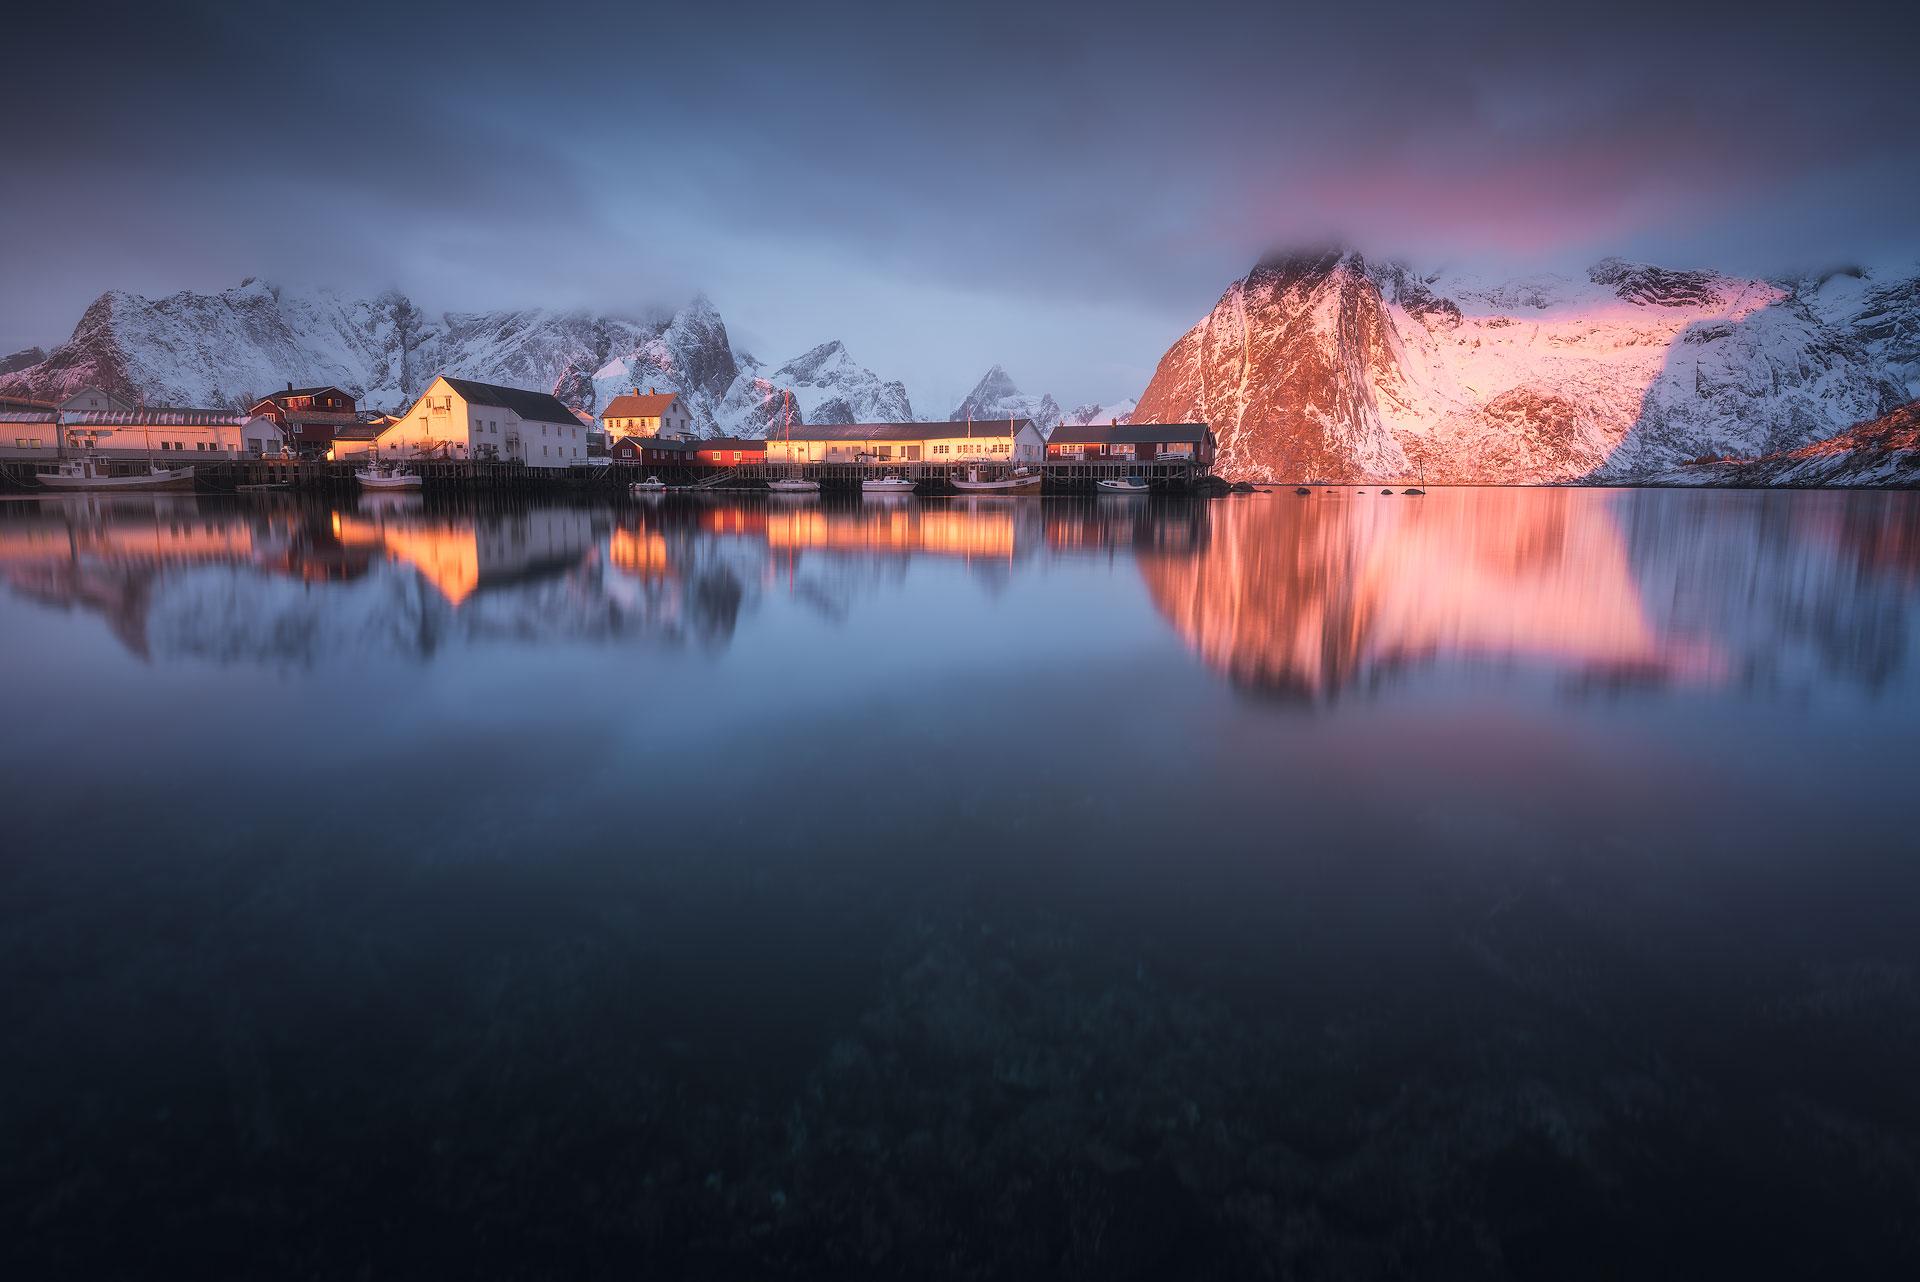 Golden hour at Lofoten, Norway